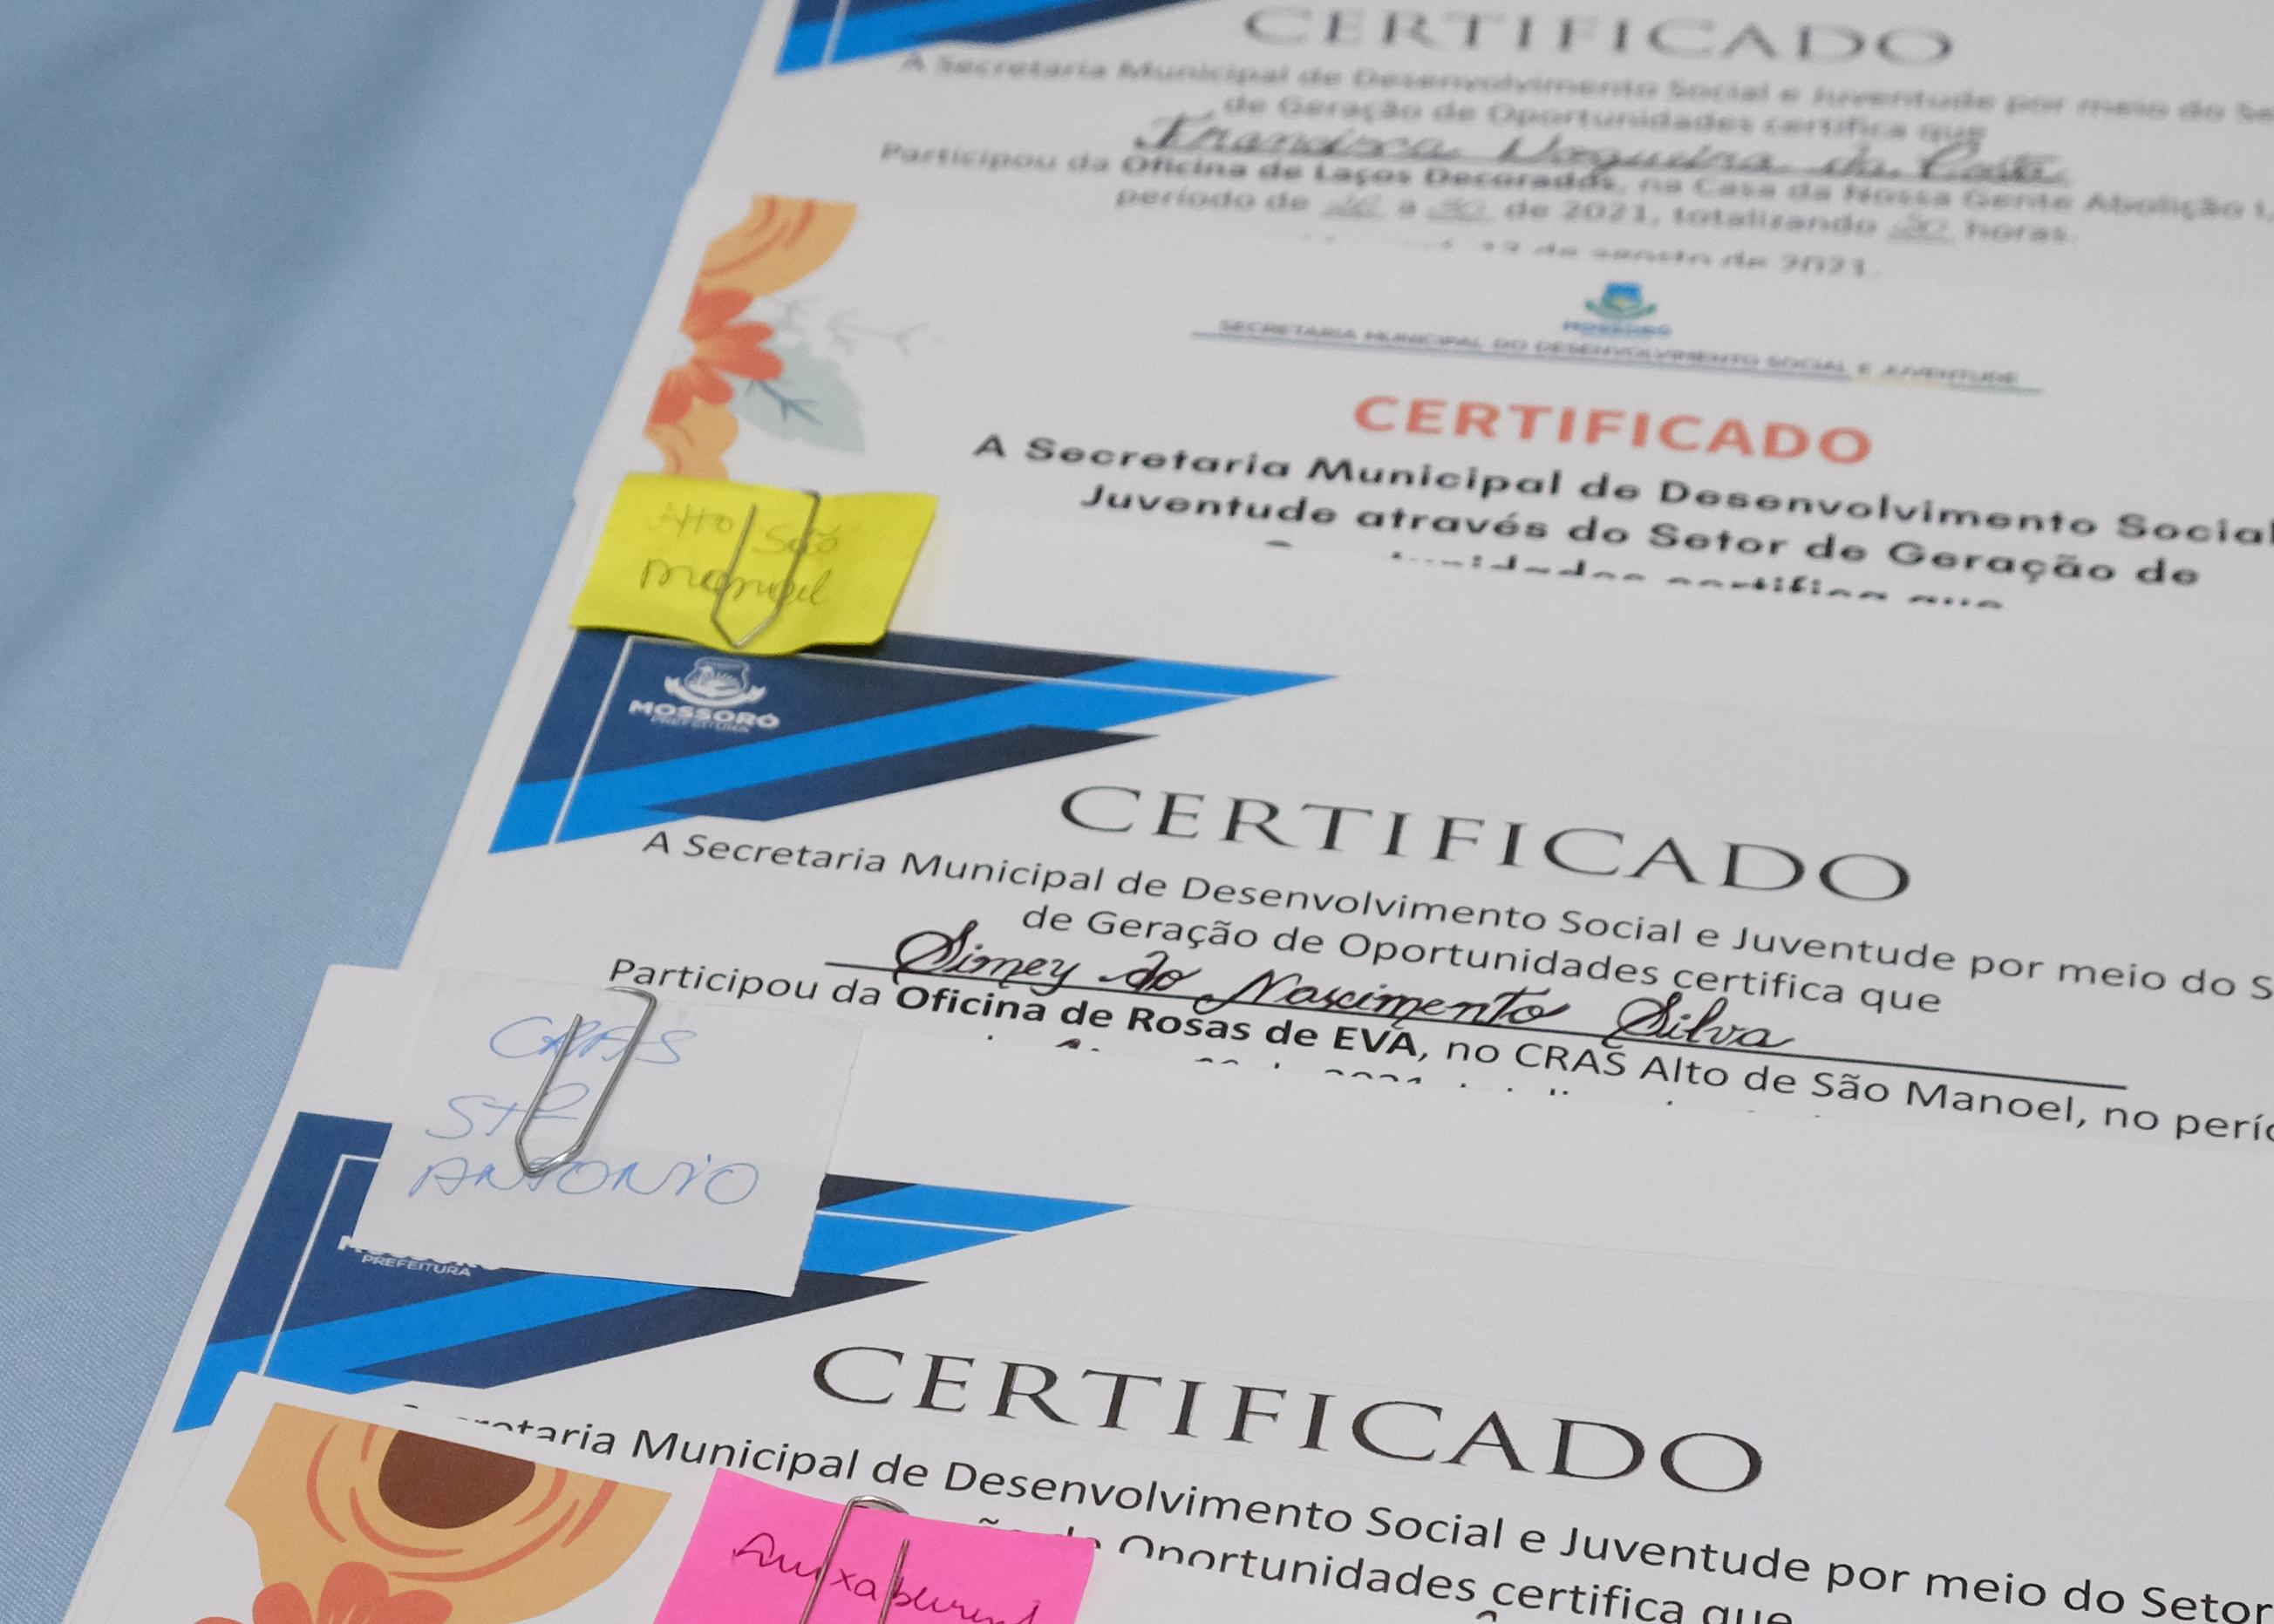 Geração de Oportunidades entrega mais de 60 certificados